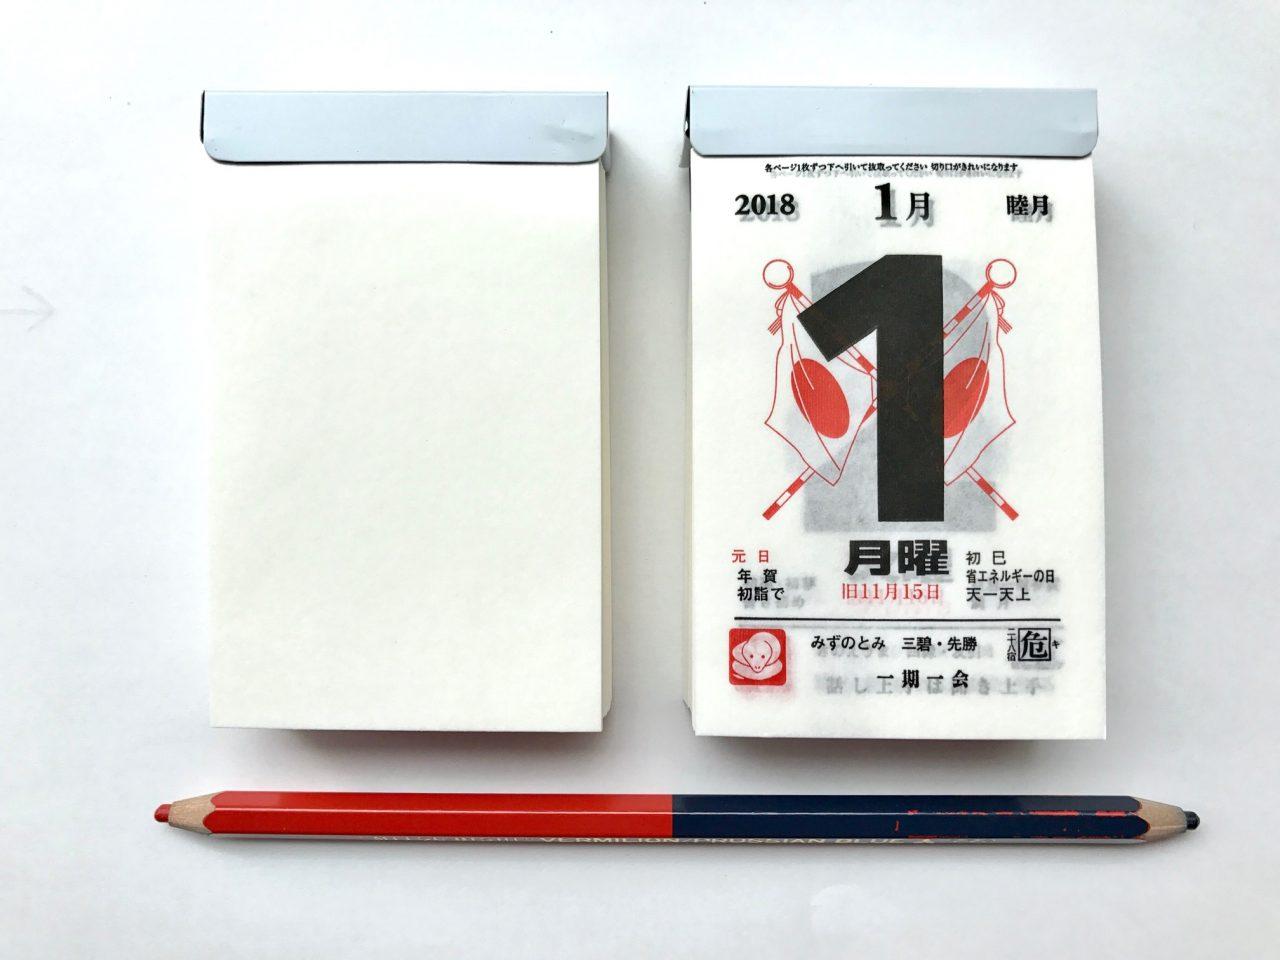 小日向京のひねもす文房具|第百十七回「新日本カレンダー×NAGASAWA・himekuri memo」